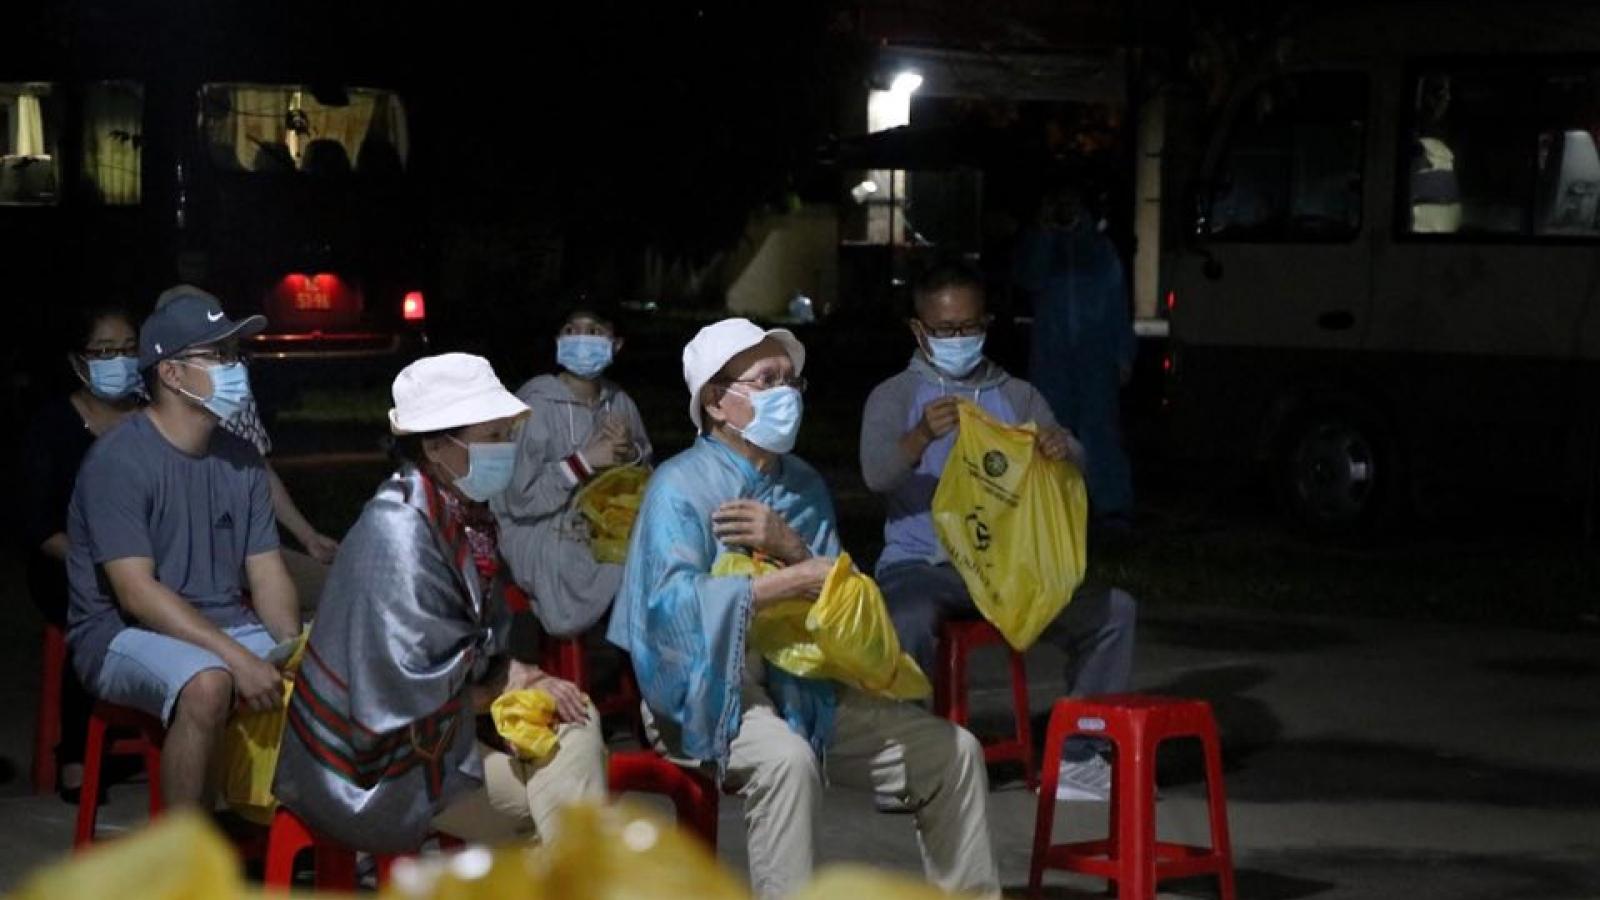 Hòa Bình tiếp nhận 80 công dân Việt Nam từ Mỹ về khu cách ly